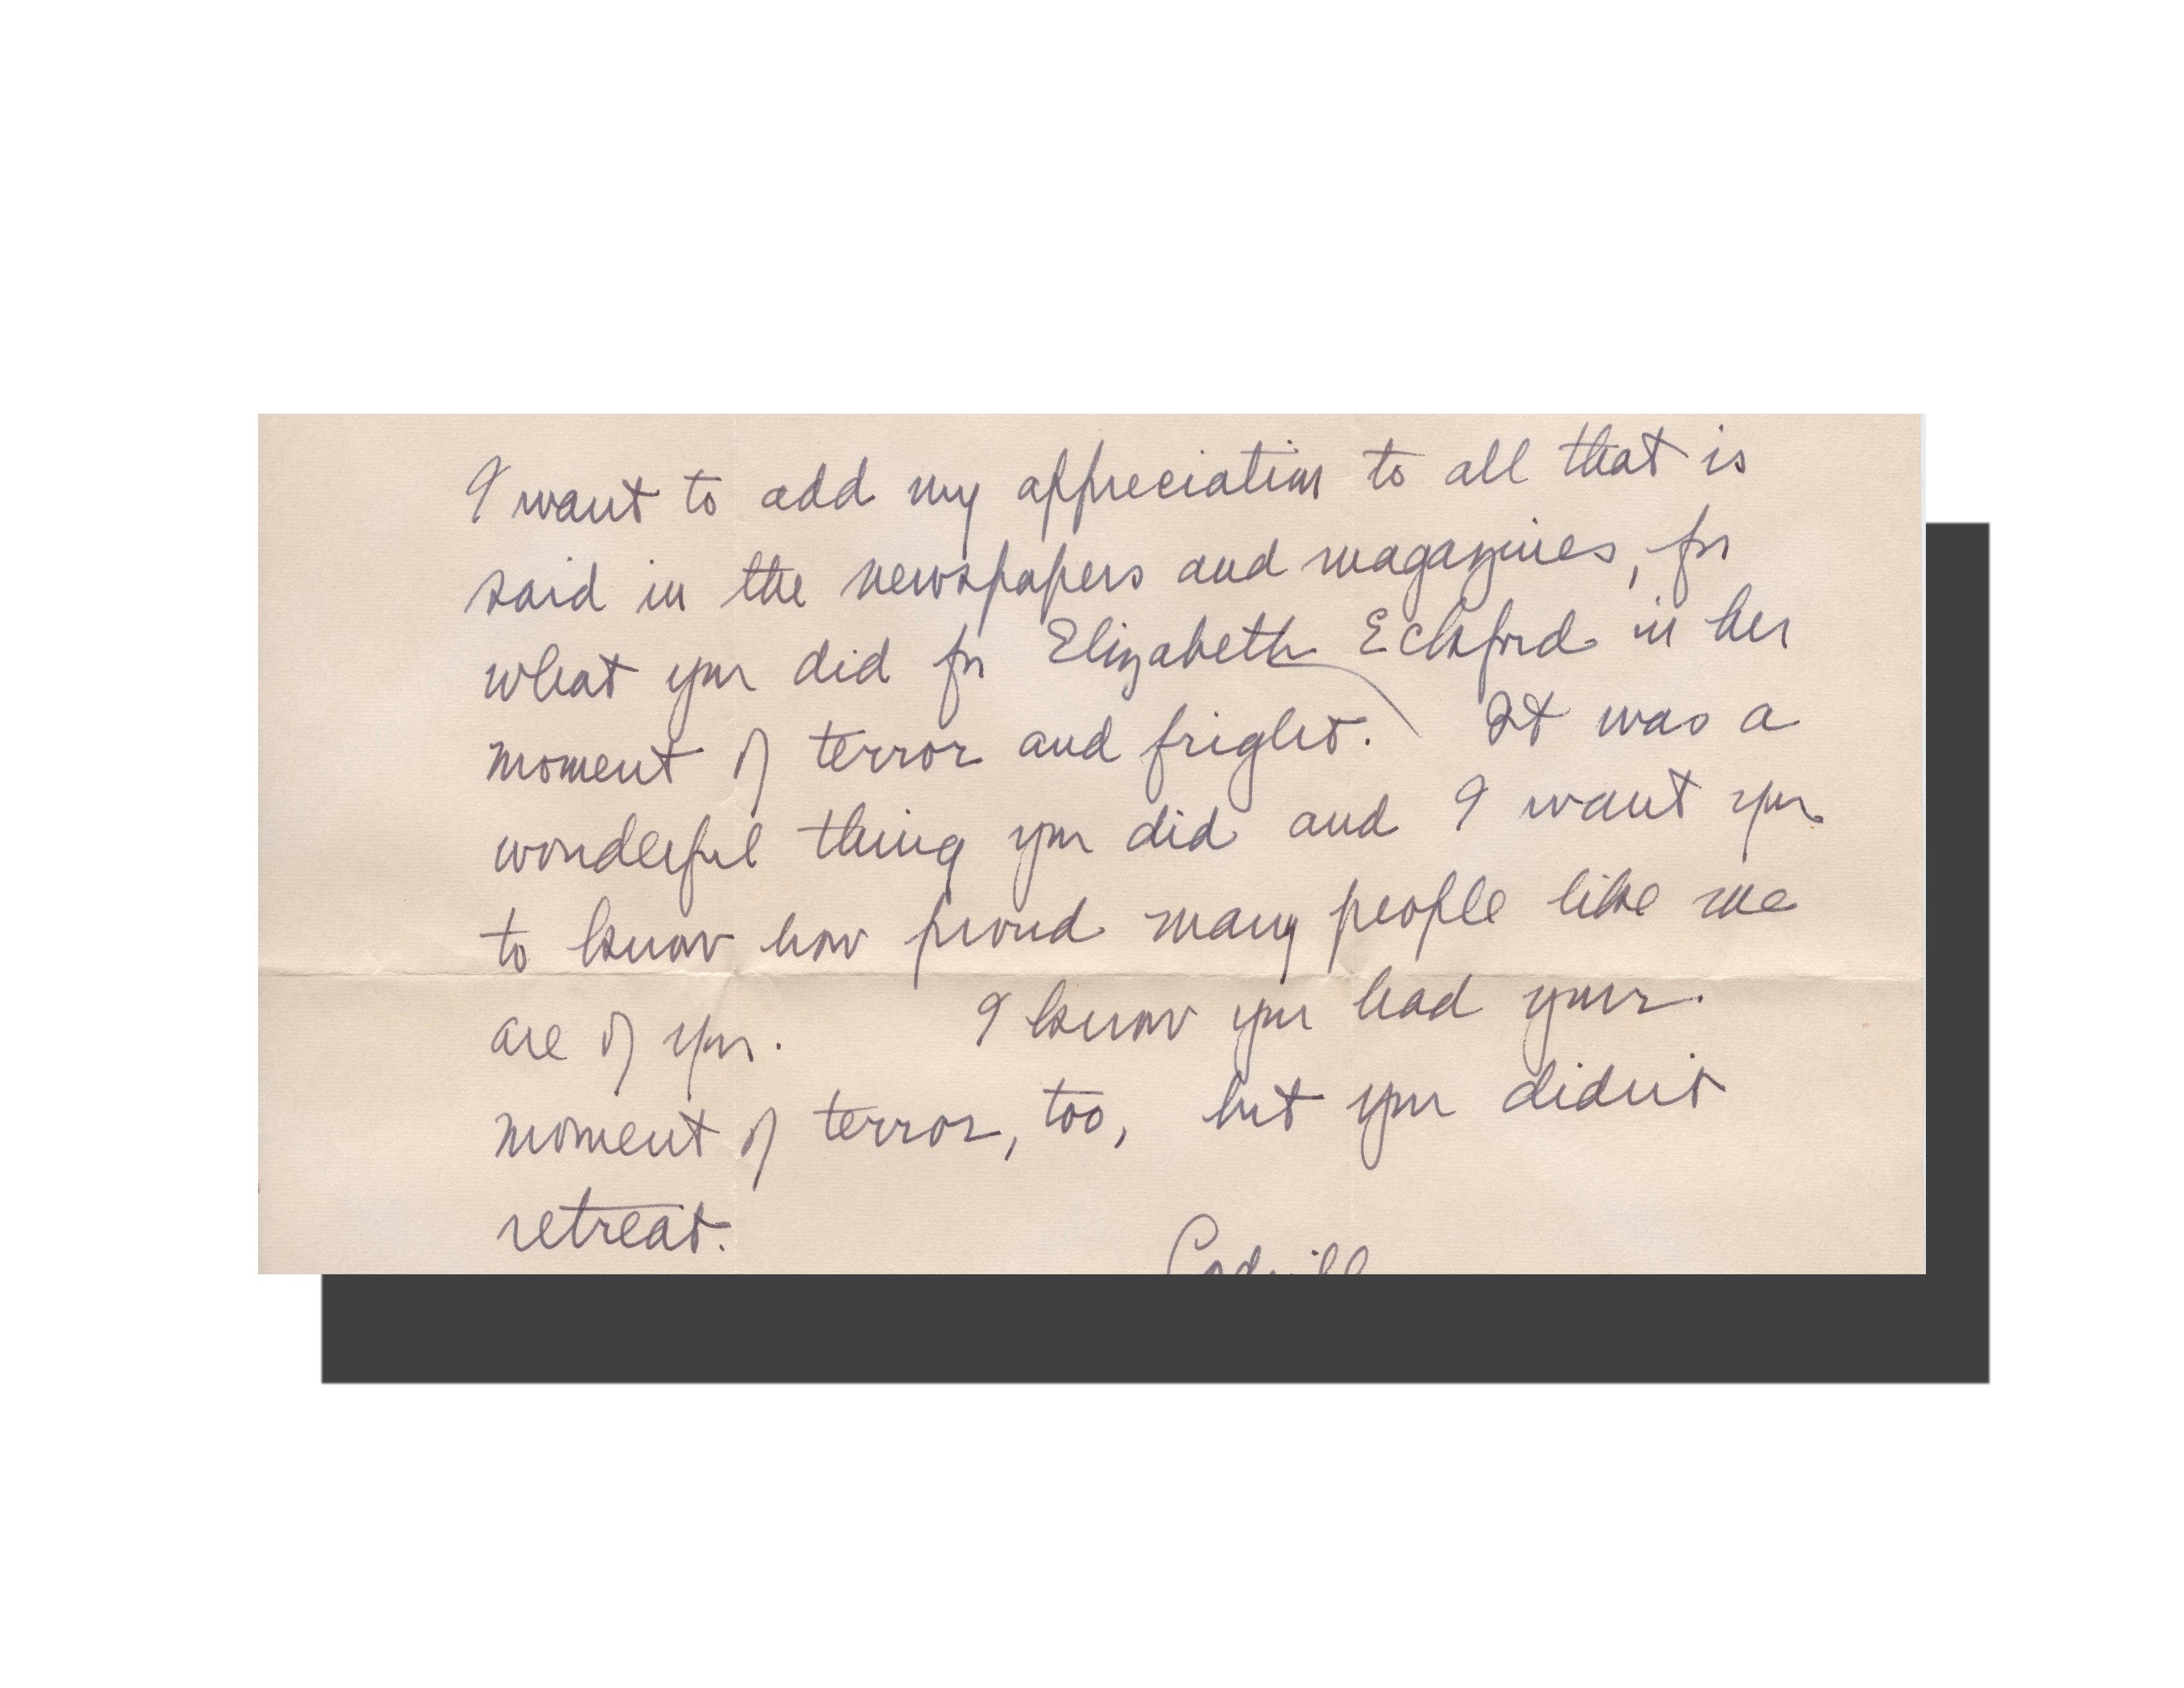 subpoena cover letter